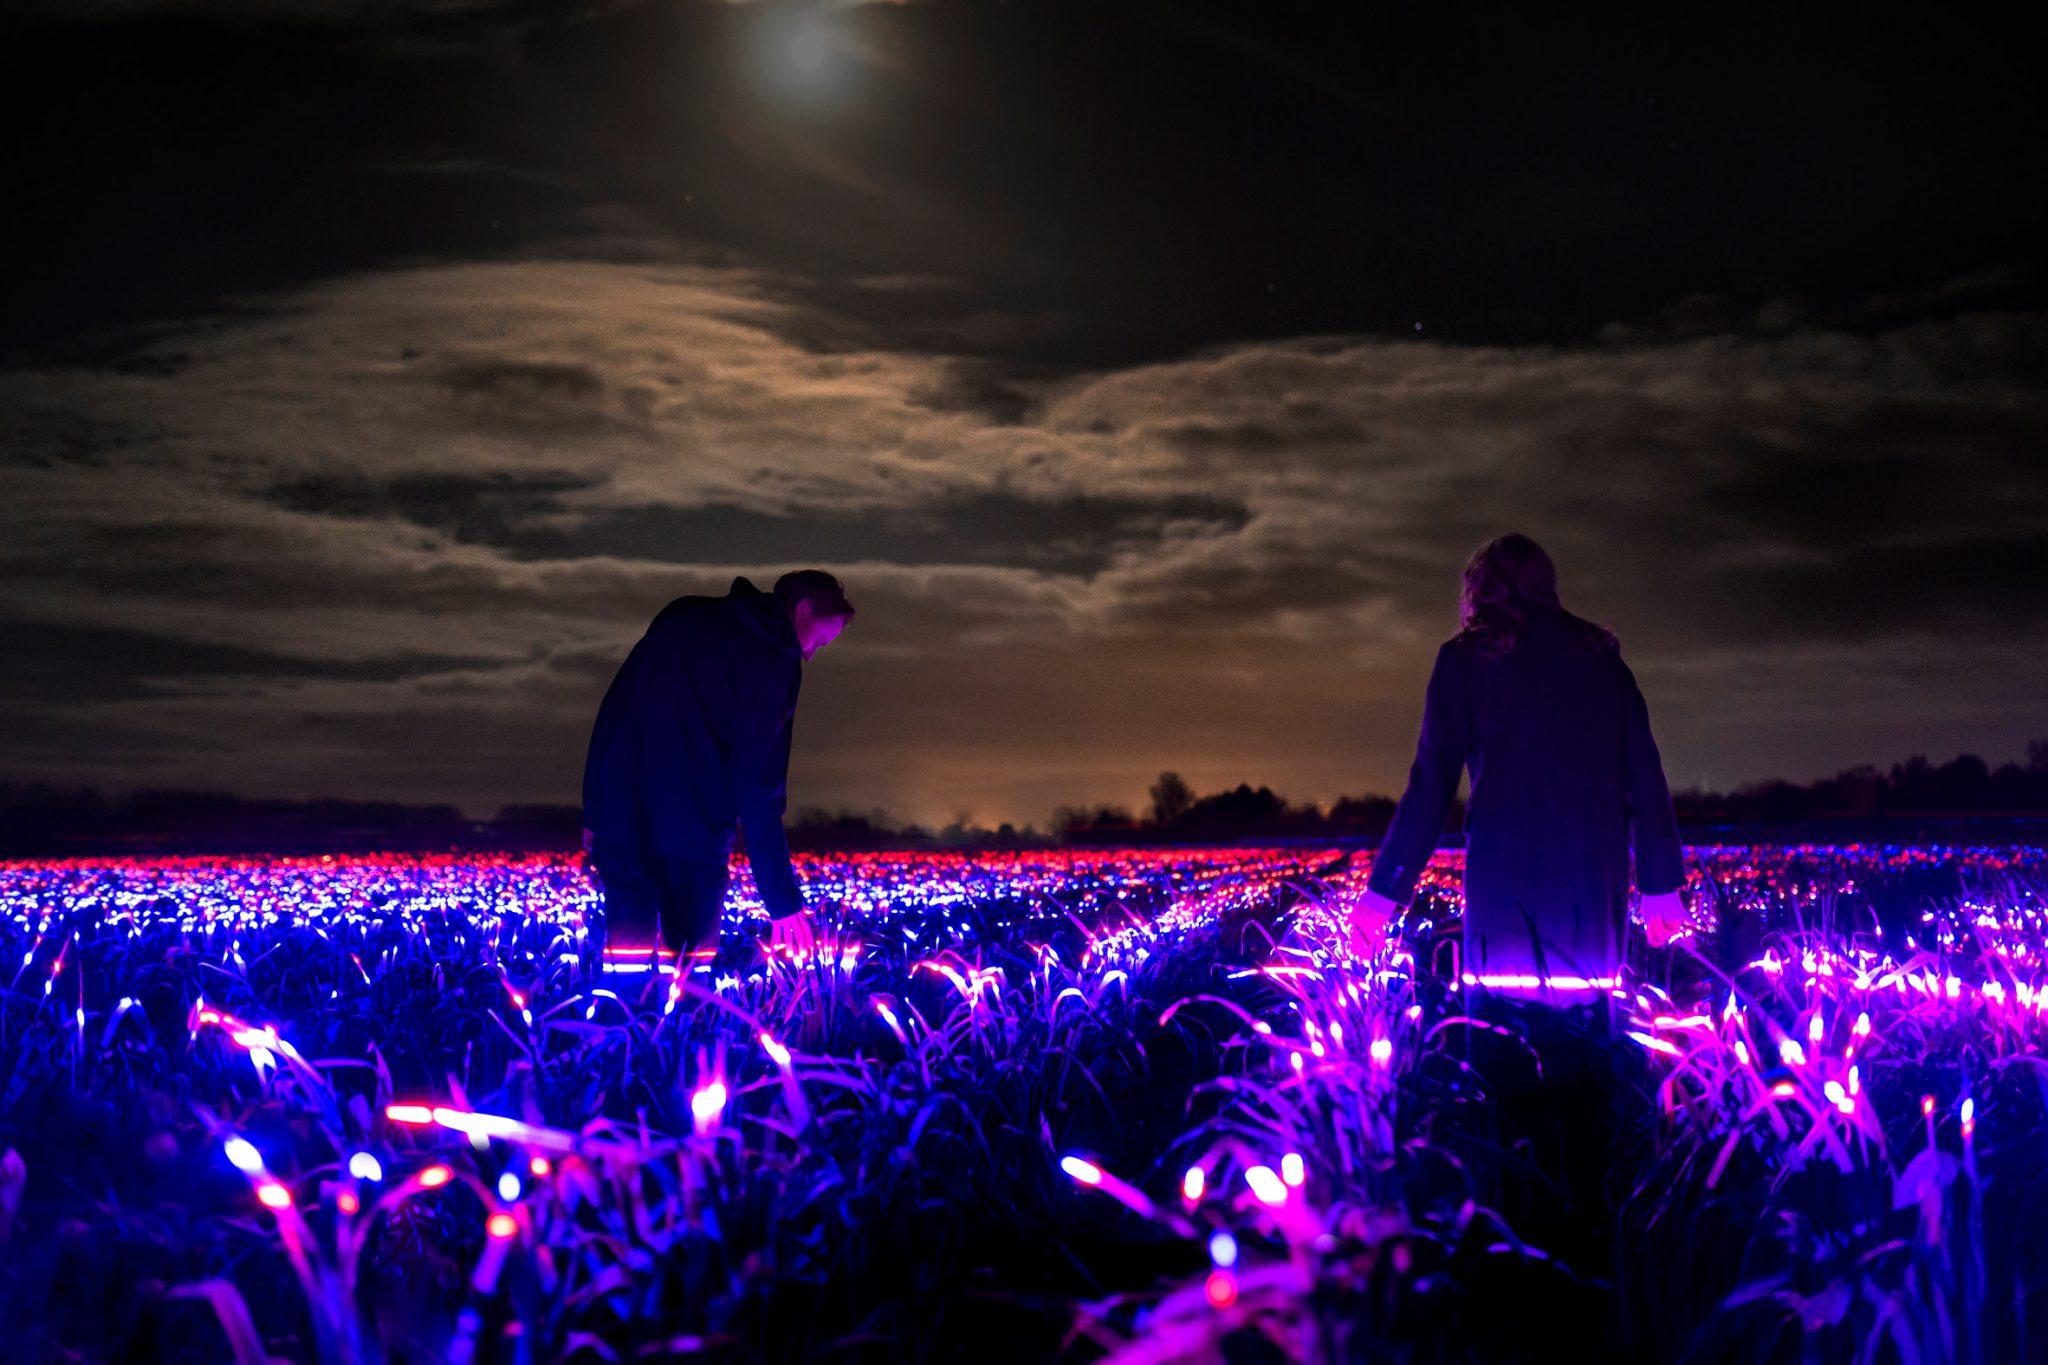 Магія світла на полях: нідерландський митець створив фантастичну інсталяцію